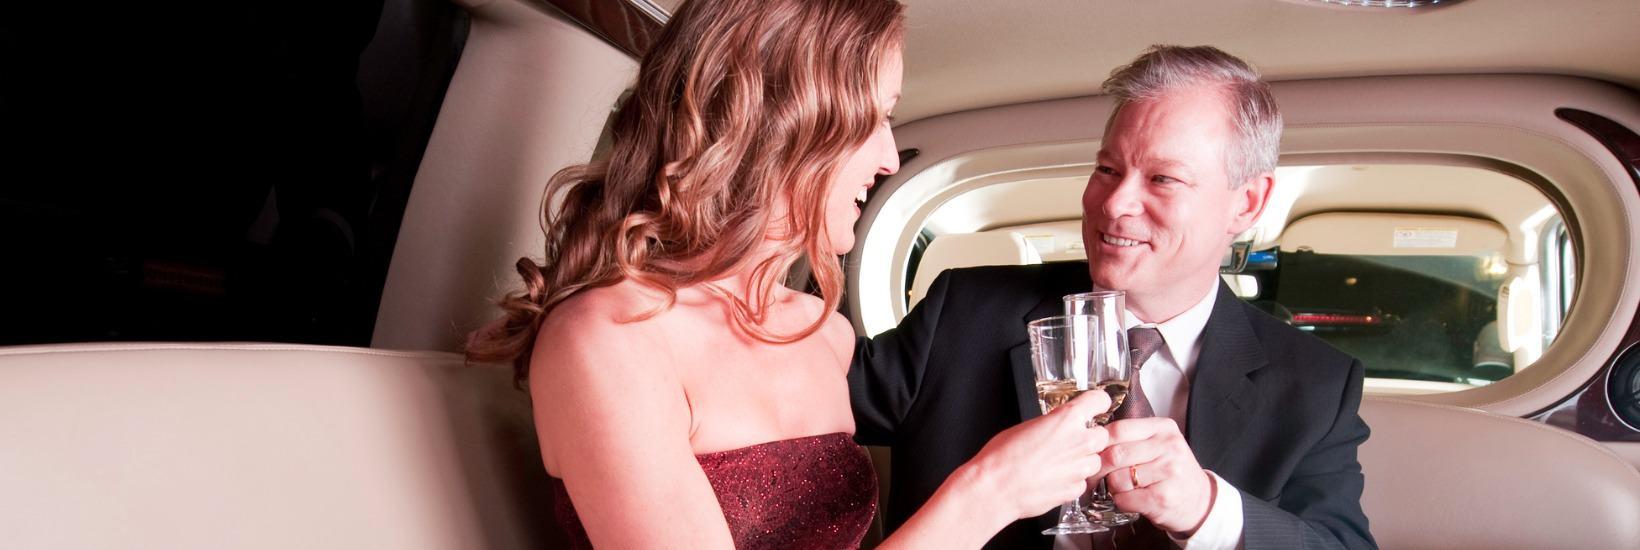 Sex für Ältere: Ob mit einer Luxus-Escortlady oder klassisch im Puff: Ältere Gäste sind gern gesehene Kunden.